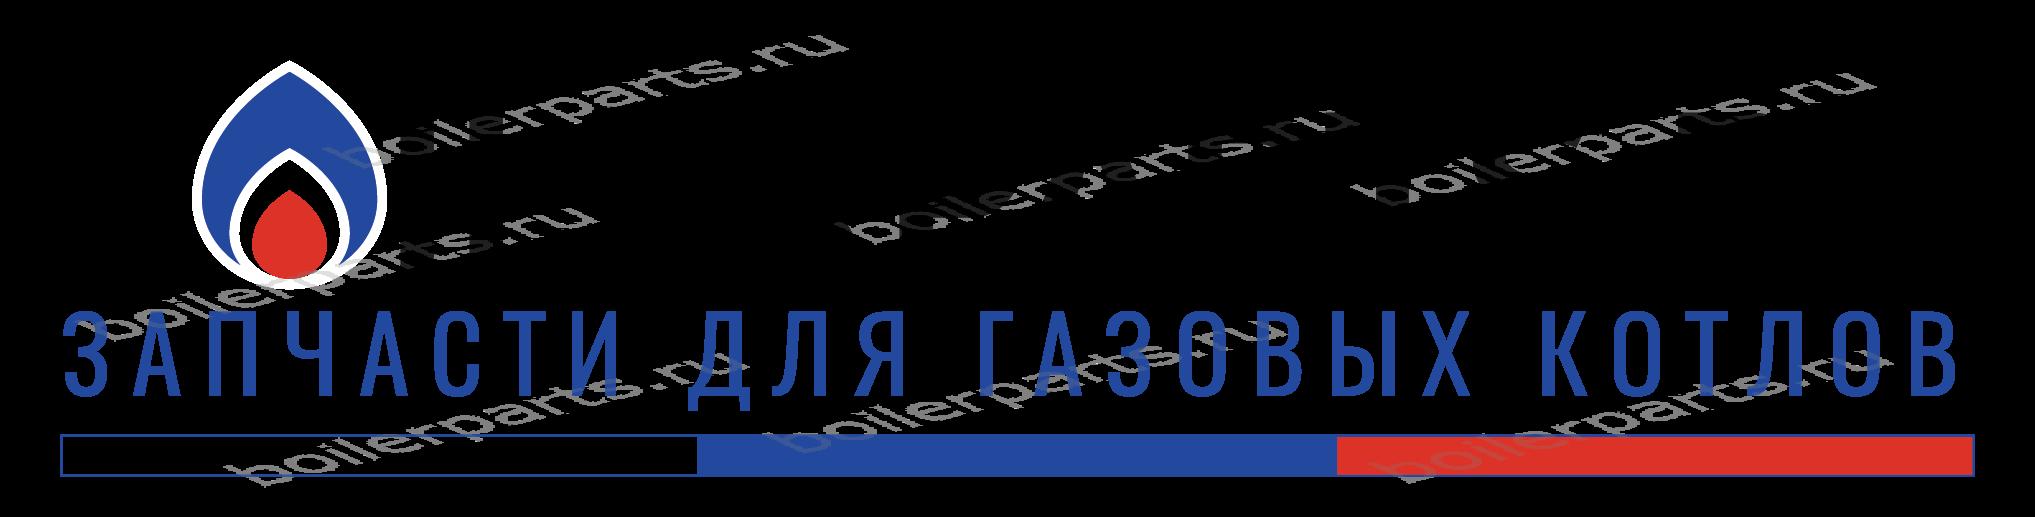 Запчасти для газовых котлов и колонок boilerparts.ru